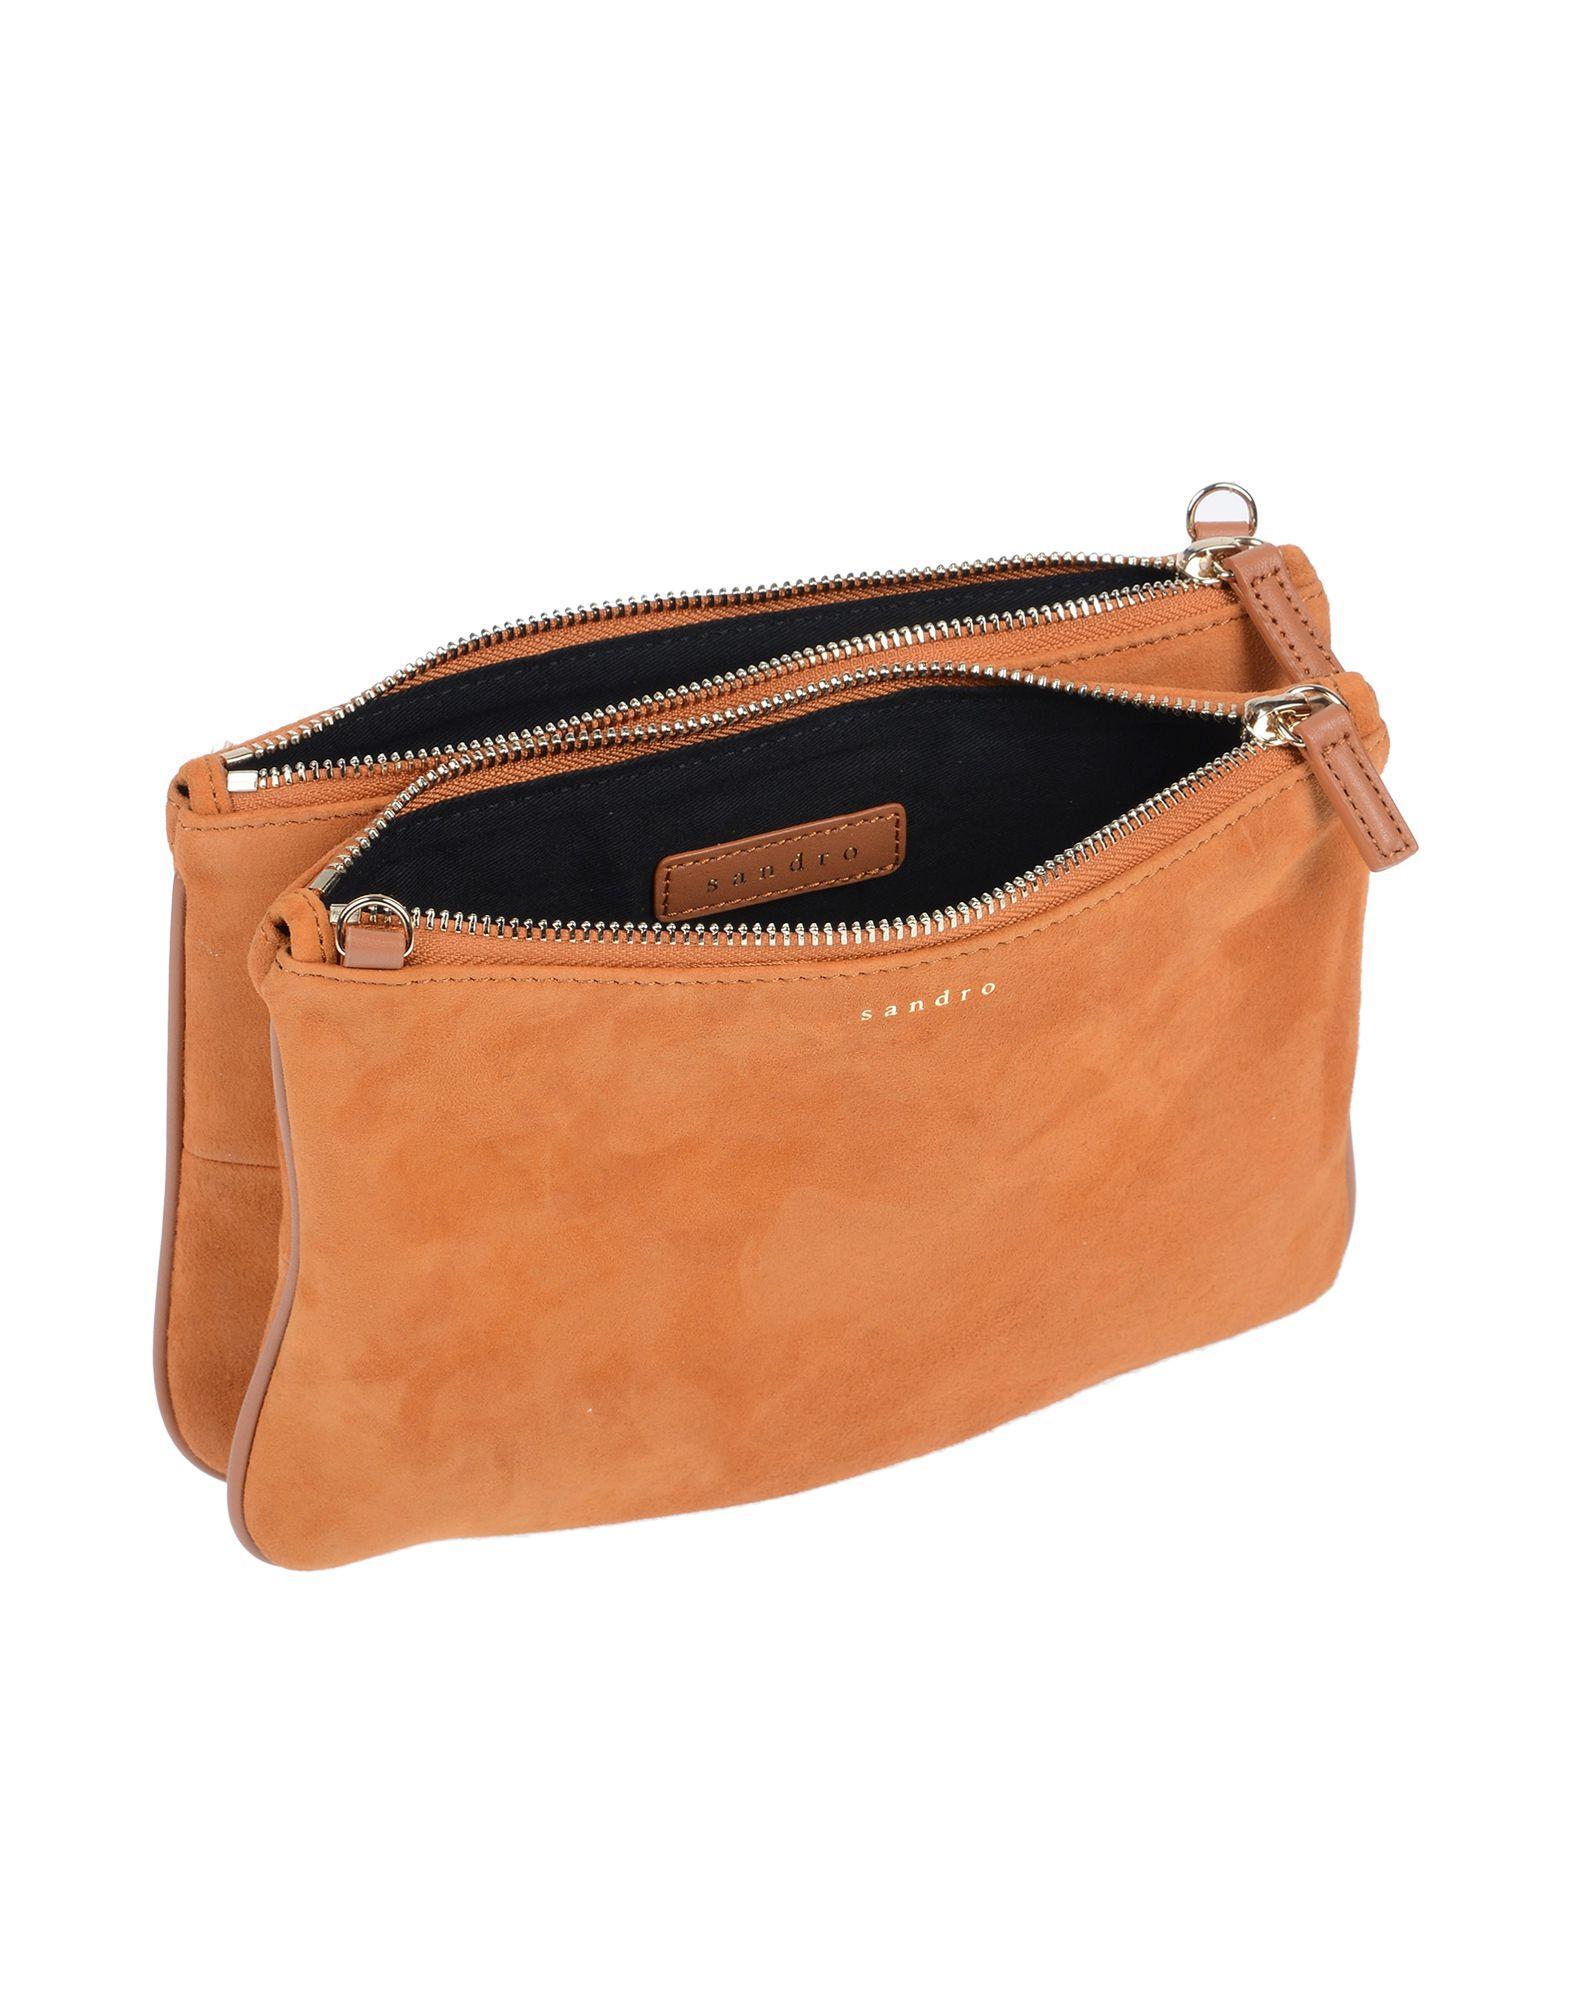 3fffd718d072 Lyst - Sandro Cross-body Bag